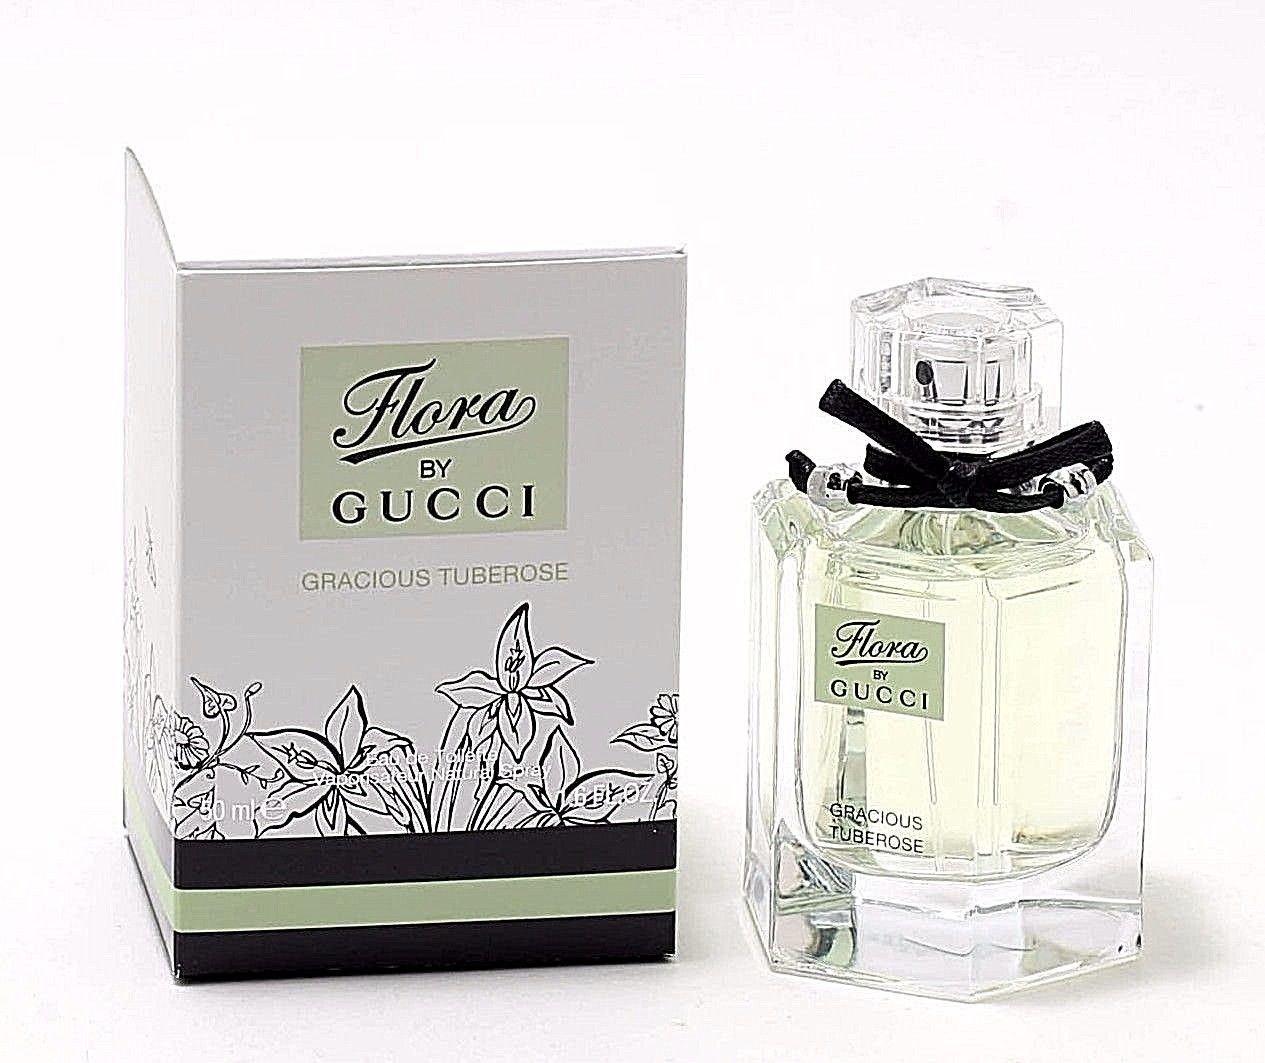 bc31f3eac51 Amazon.com   New FLORA Gracious Tuberose by Gucci 1.6 Oz Eau De Toilette  Spray for Women   Beauty